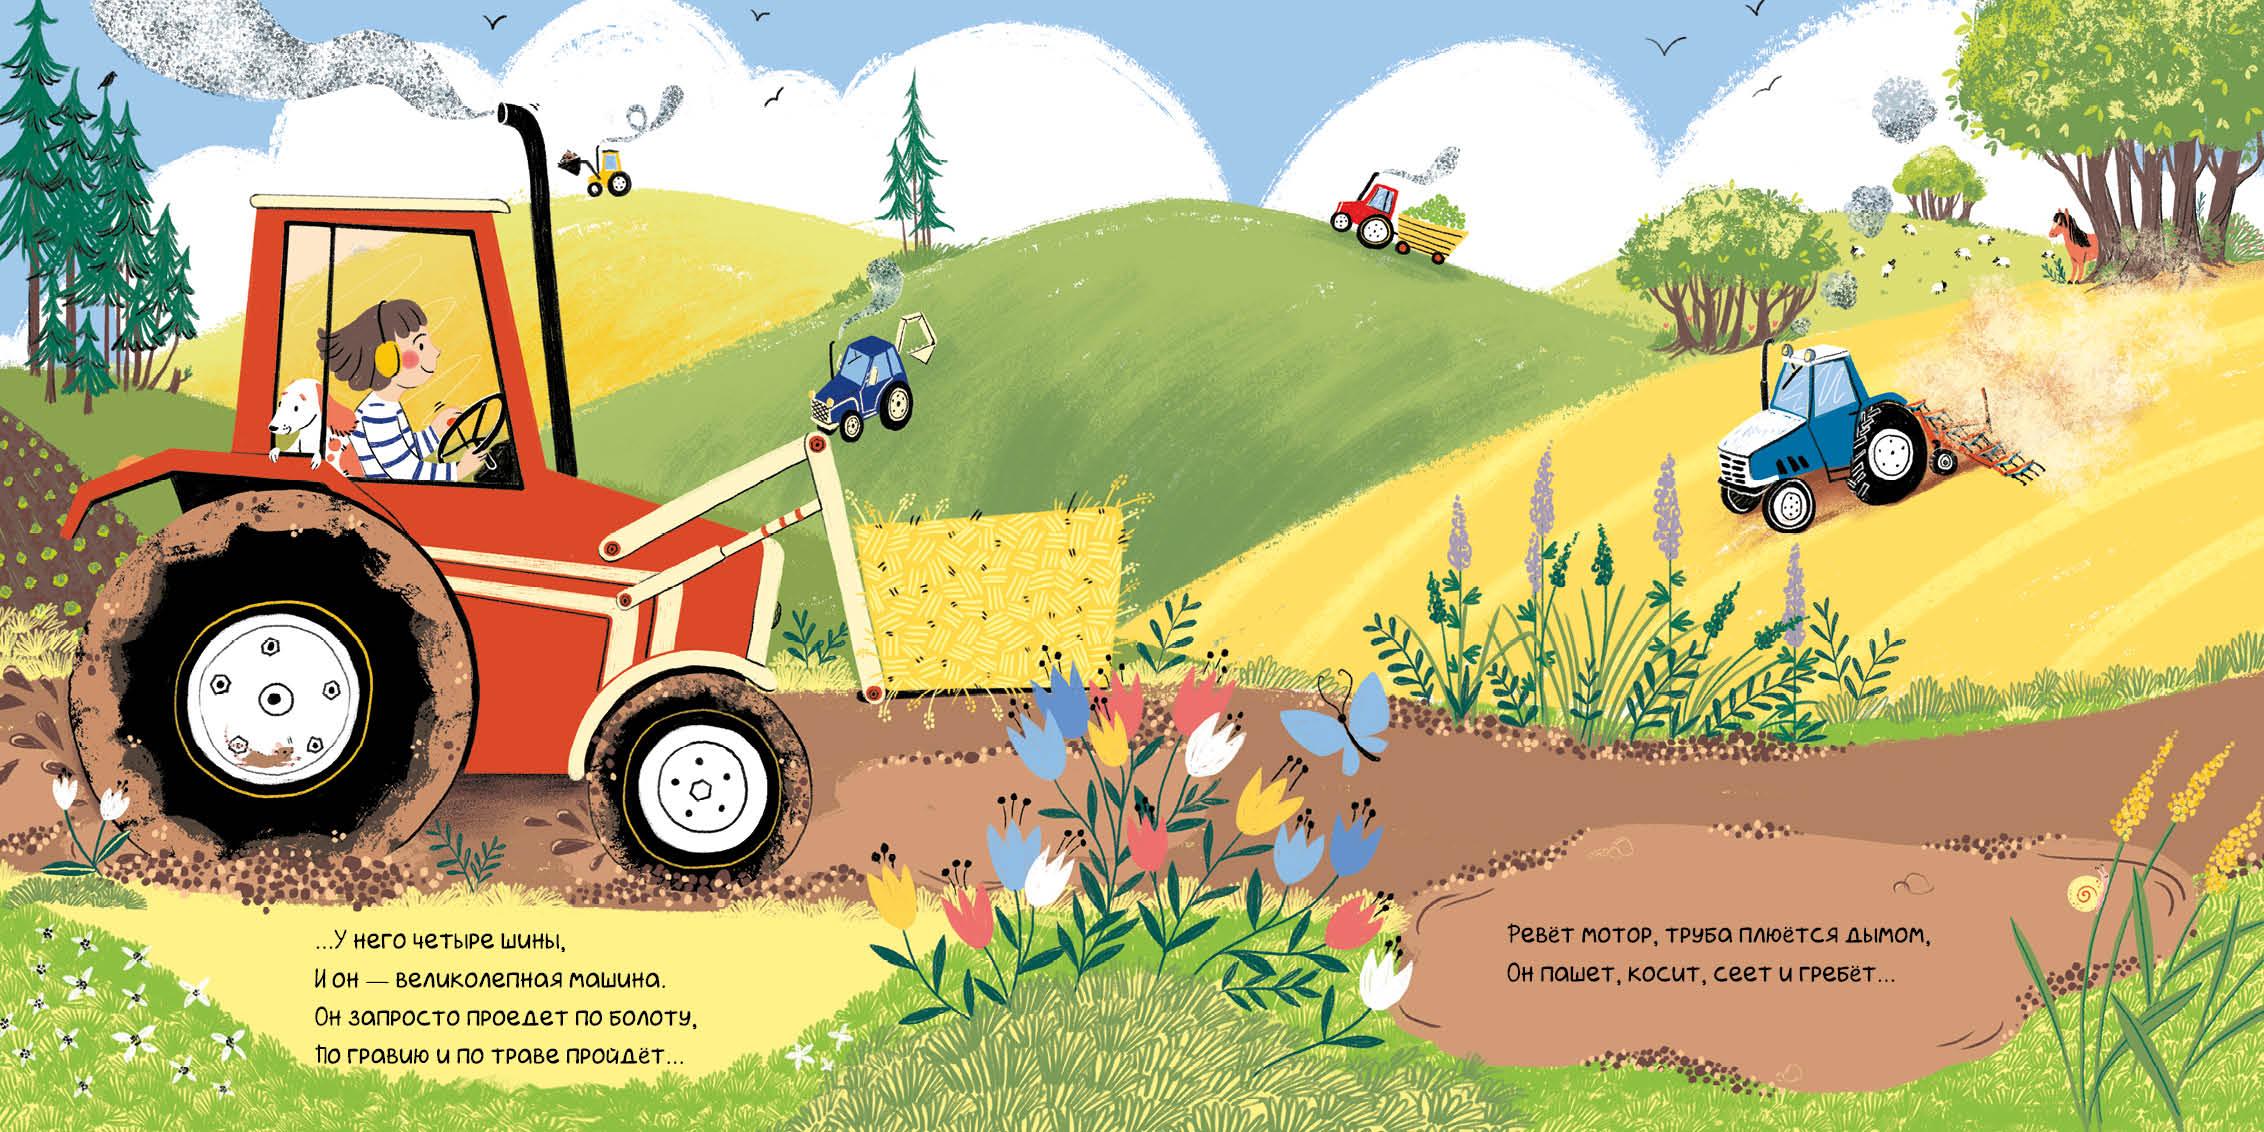 Почему я люблю тракторы